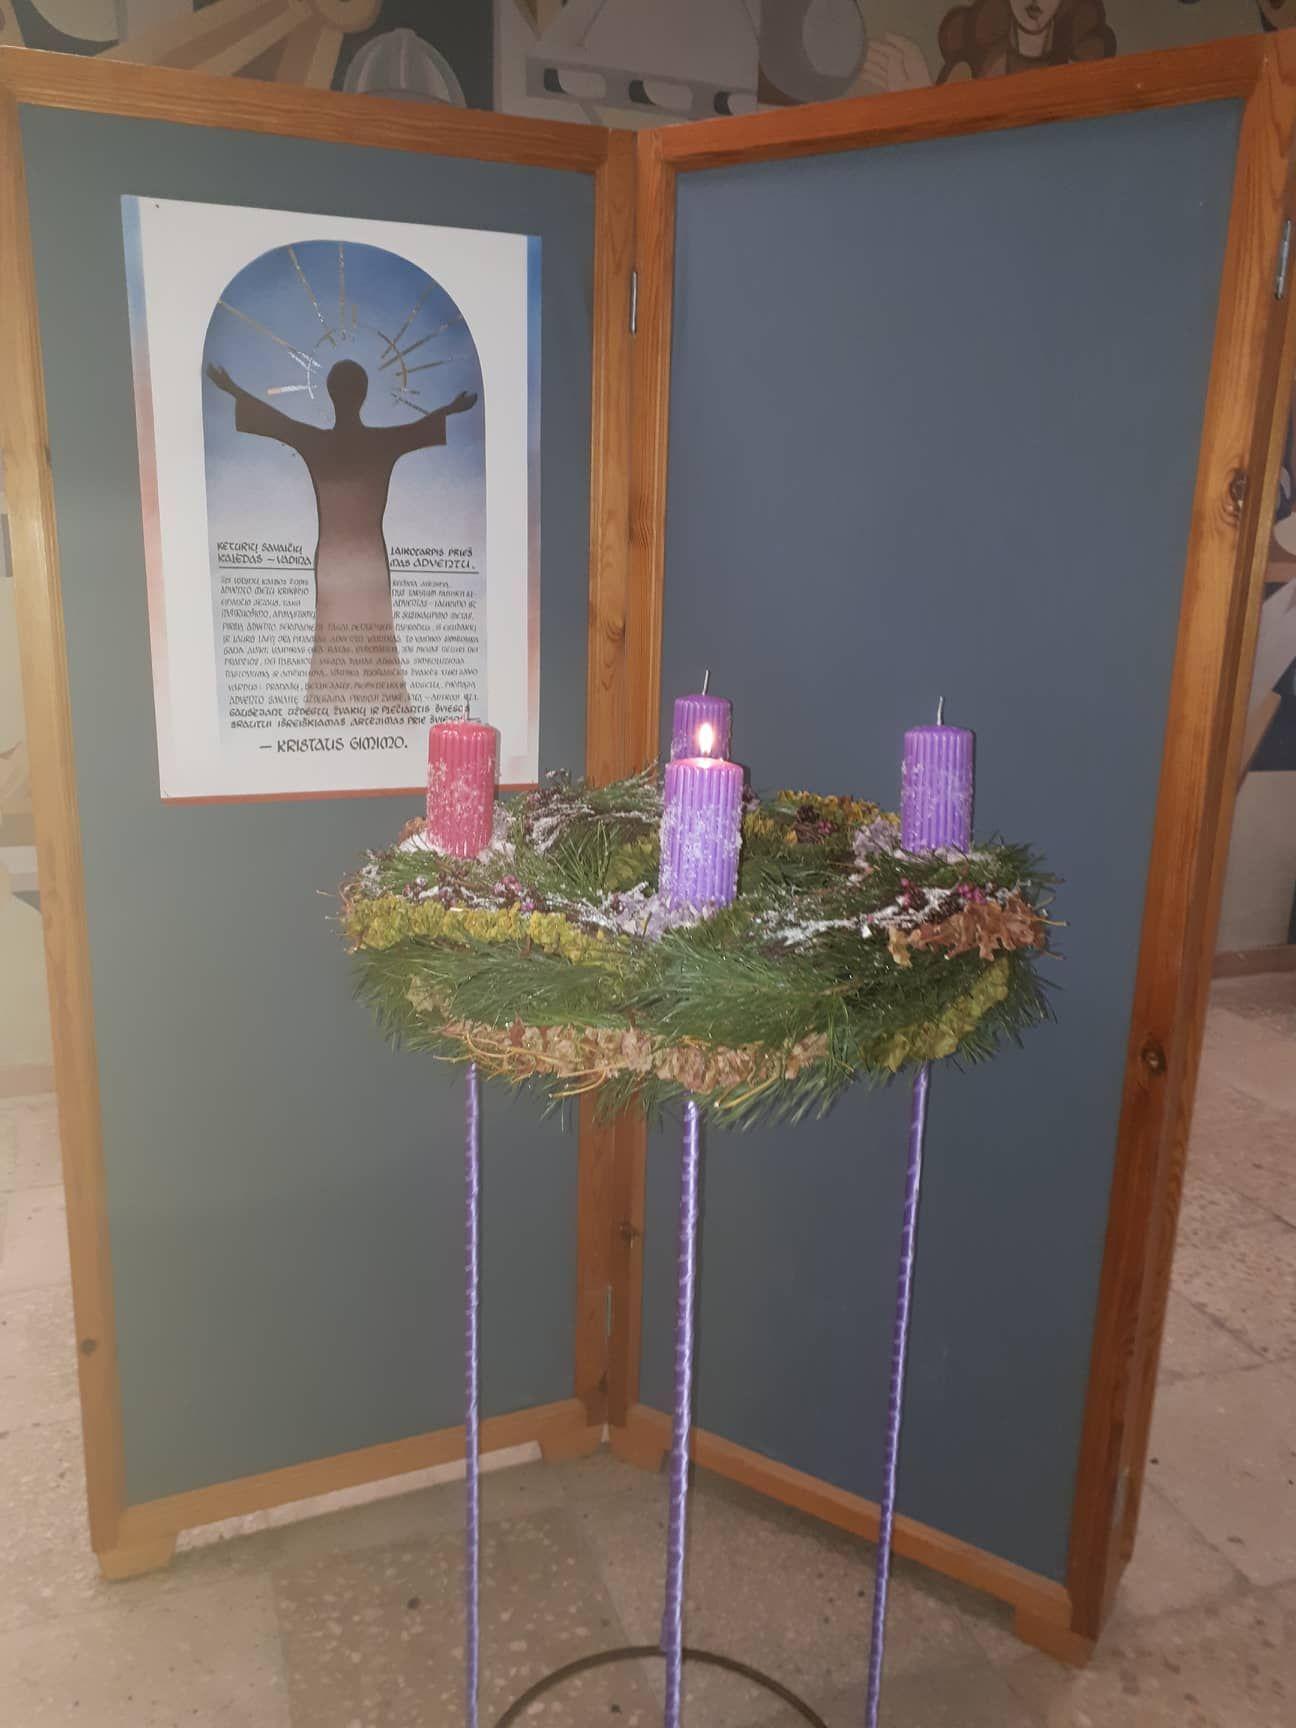 Centro bendruomenė pasitinka Adventą nuotoliniu būdu